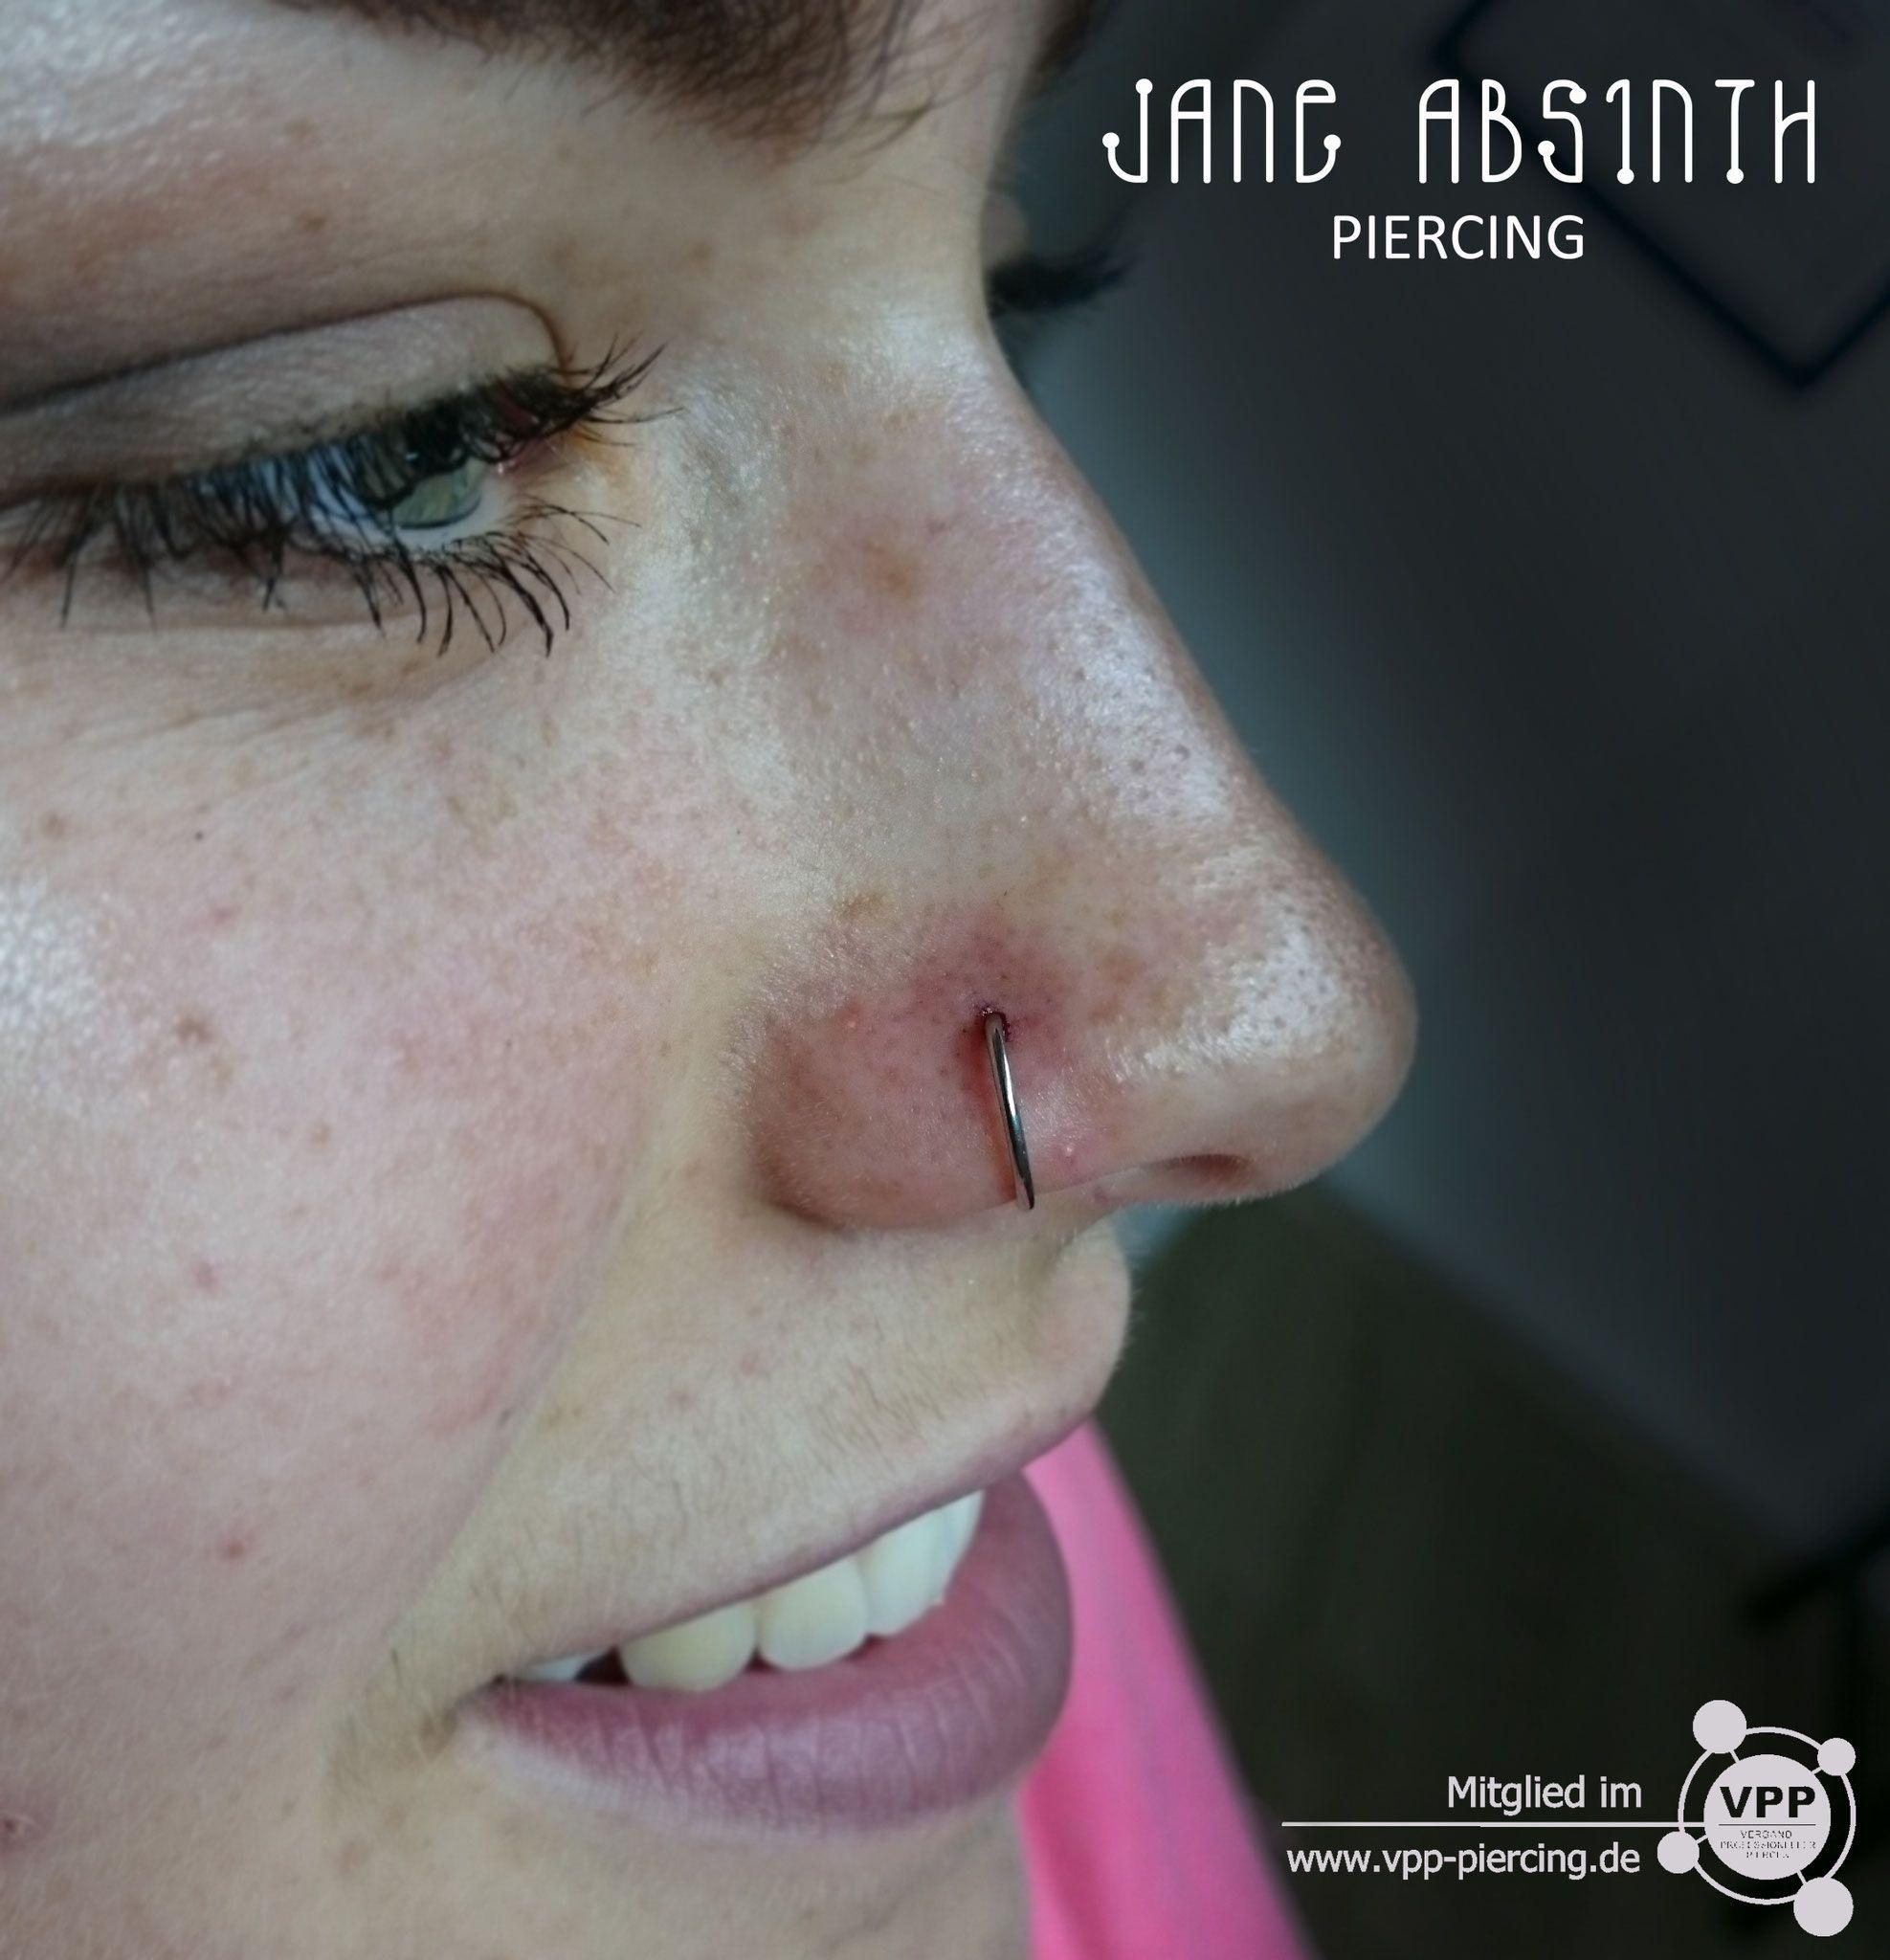 Piercing between nose and lip  Nasenflügelpiercing mit dem DRing aus Titan welcher als